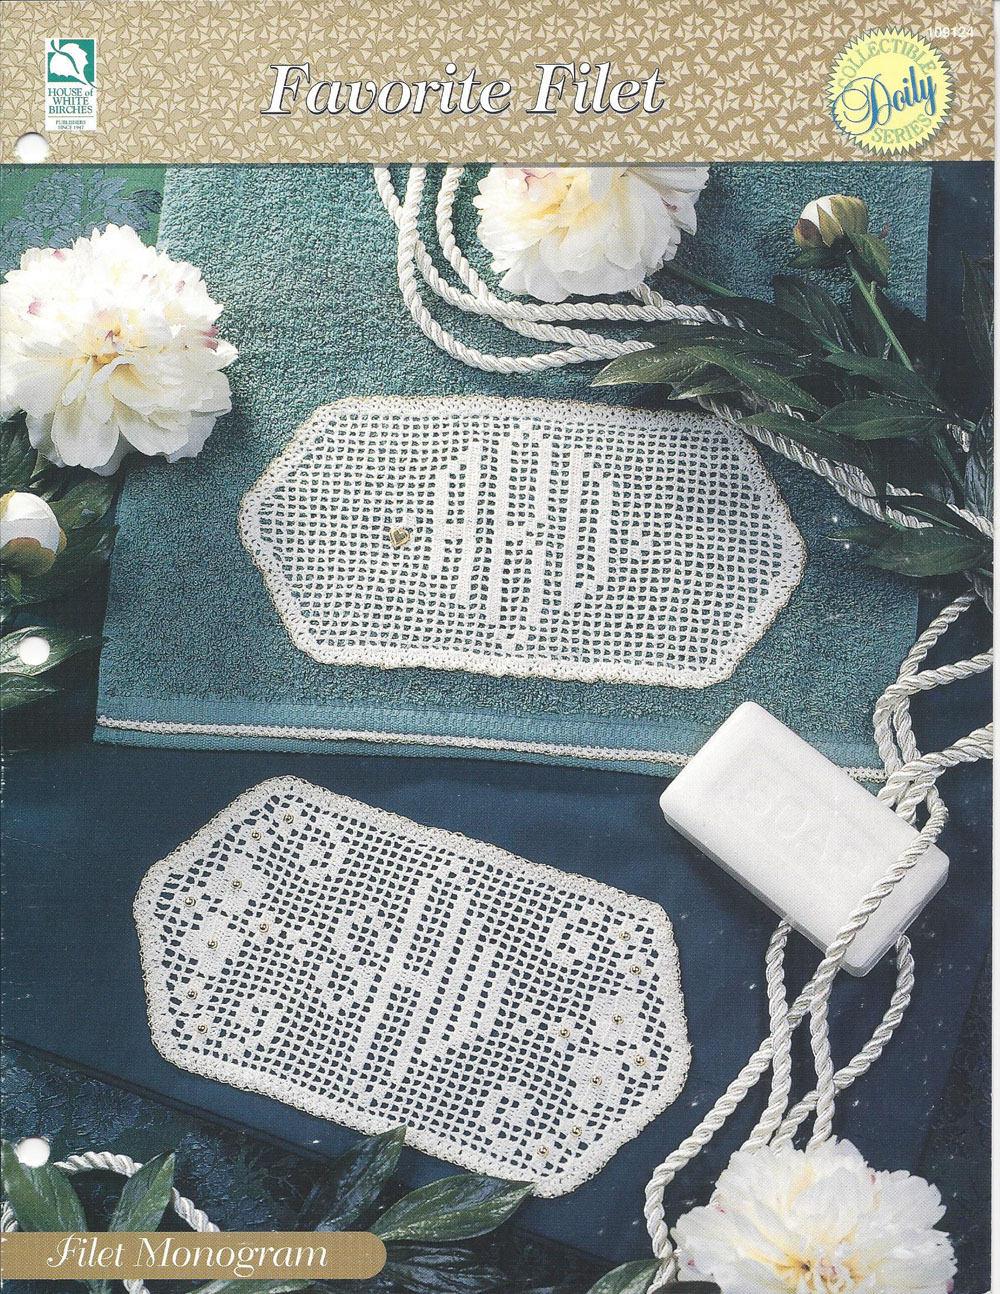 Filet Monogram Crochet Doily Pattern Cotton Thread Lace Home Decorators Catalog Best Ideas of Home Decor and Design [homedecoratorscatalog.us]